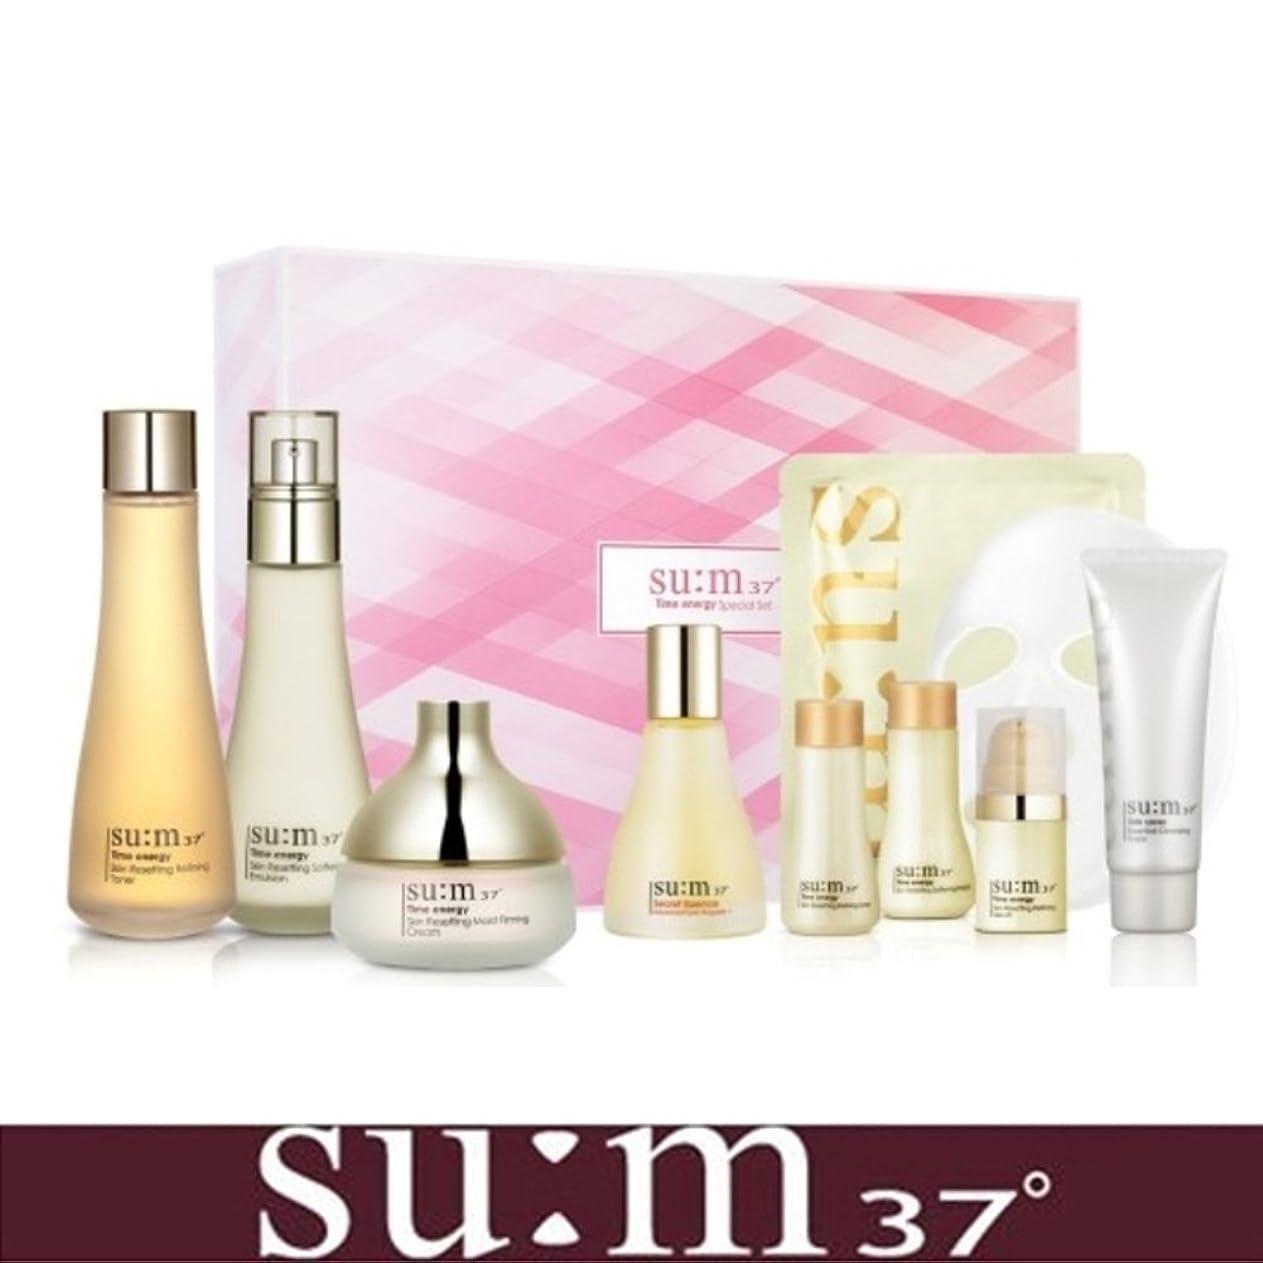 ランダムカテナ見る人[su:m37/スム37°] SUM37 Time Energy 3pcs Special Skincare Set / タイムエネルギーの3種のスペシャルセット+[Sample Gift](海外直送品)